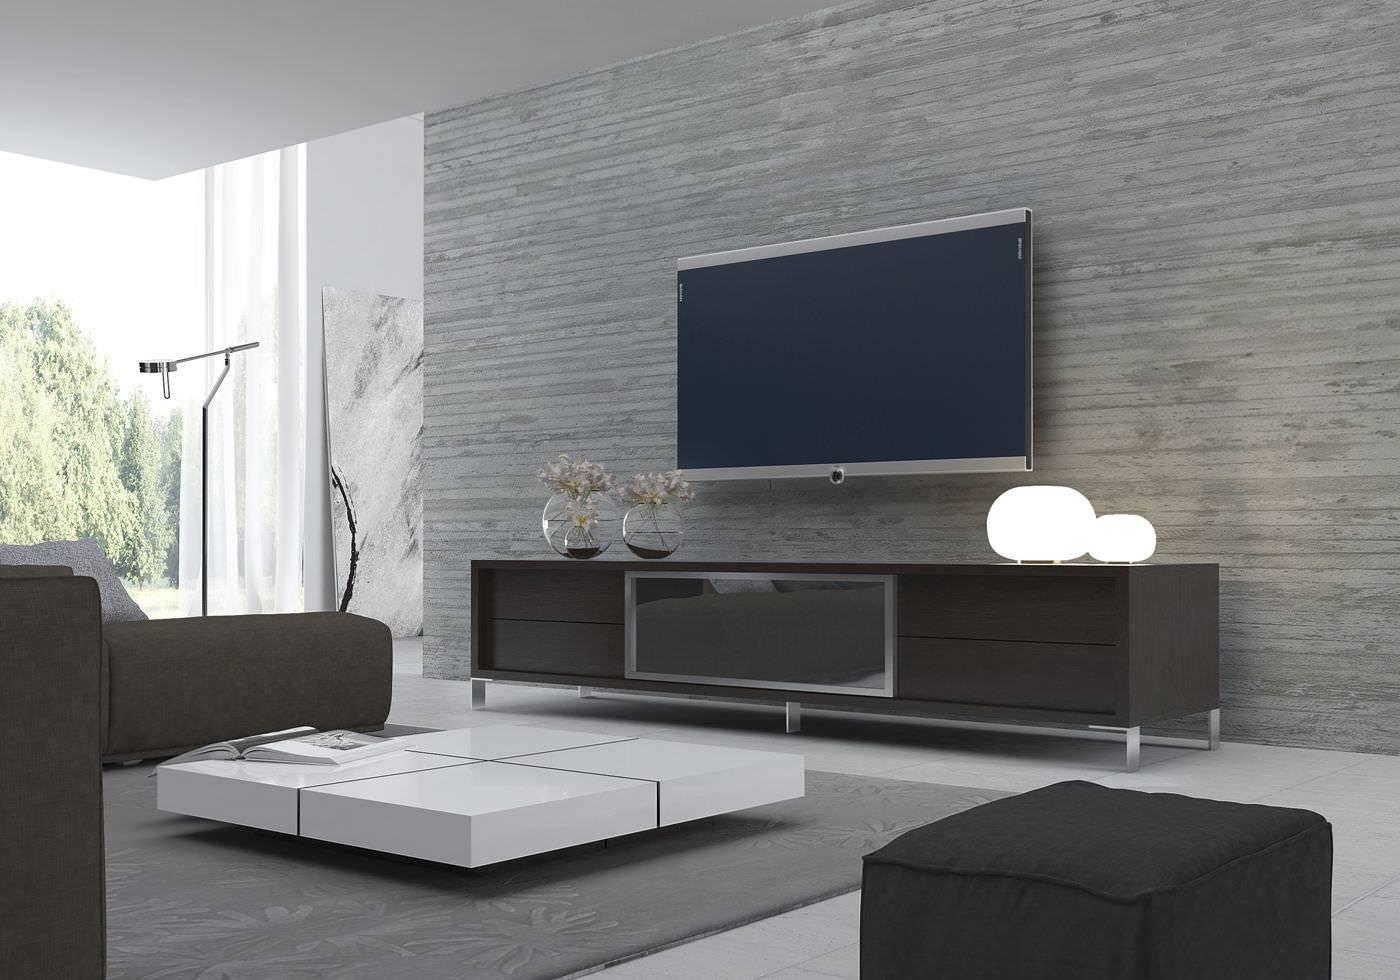 Contemporary Tv Cabinet / Wooden - Lexington - Modloft for Contemporary Tv Cabinets (Image 12 of 15)